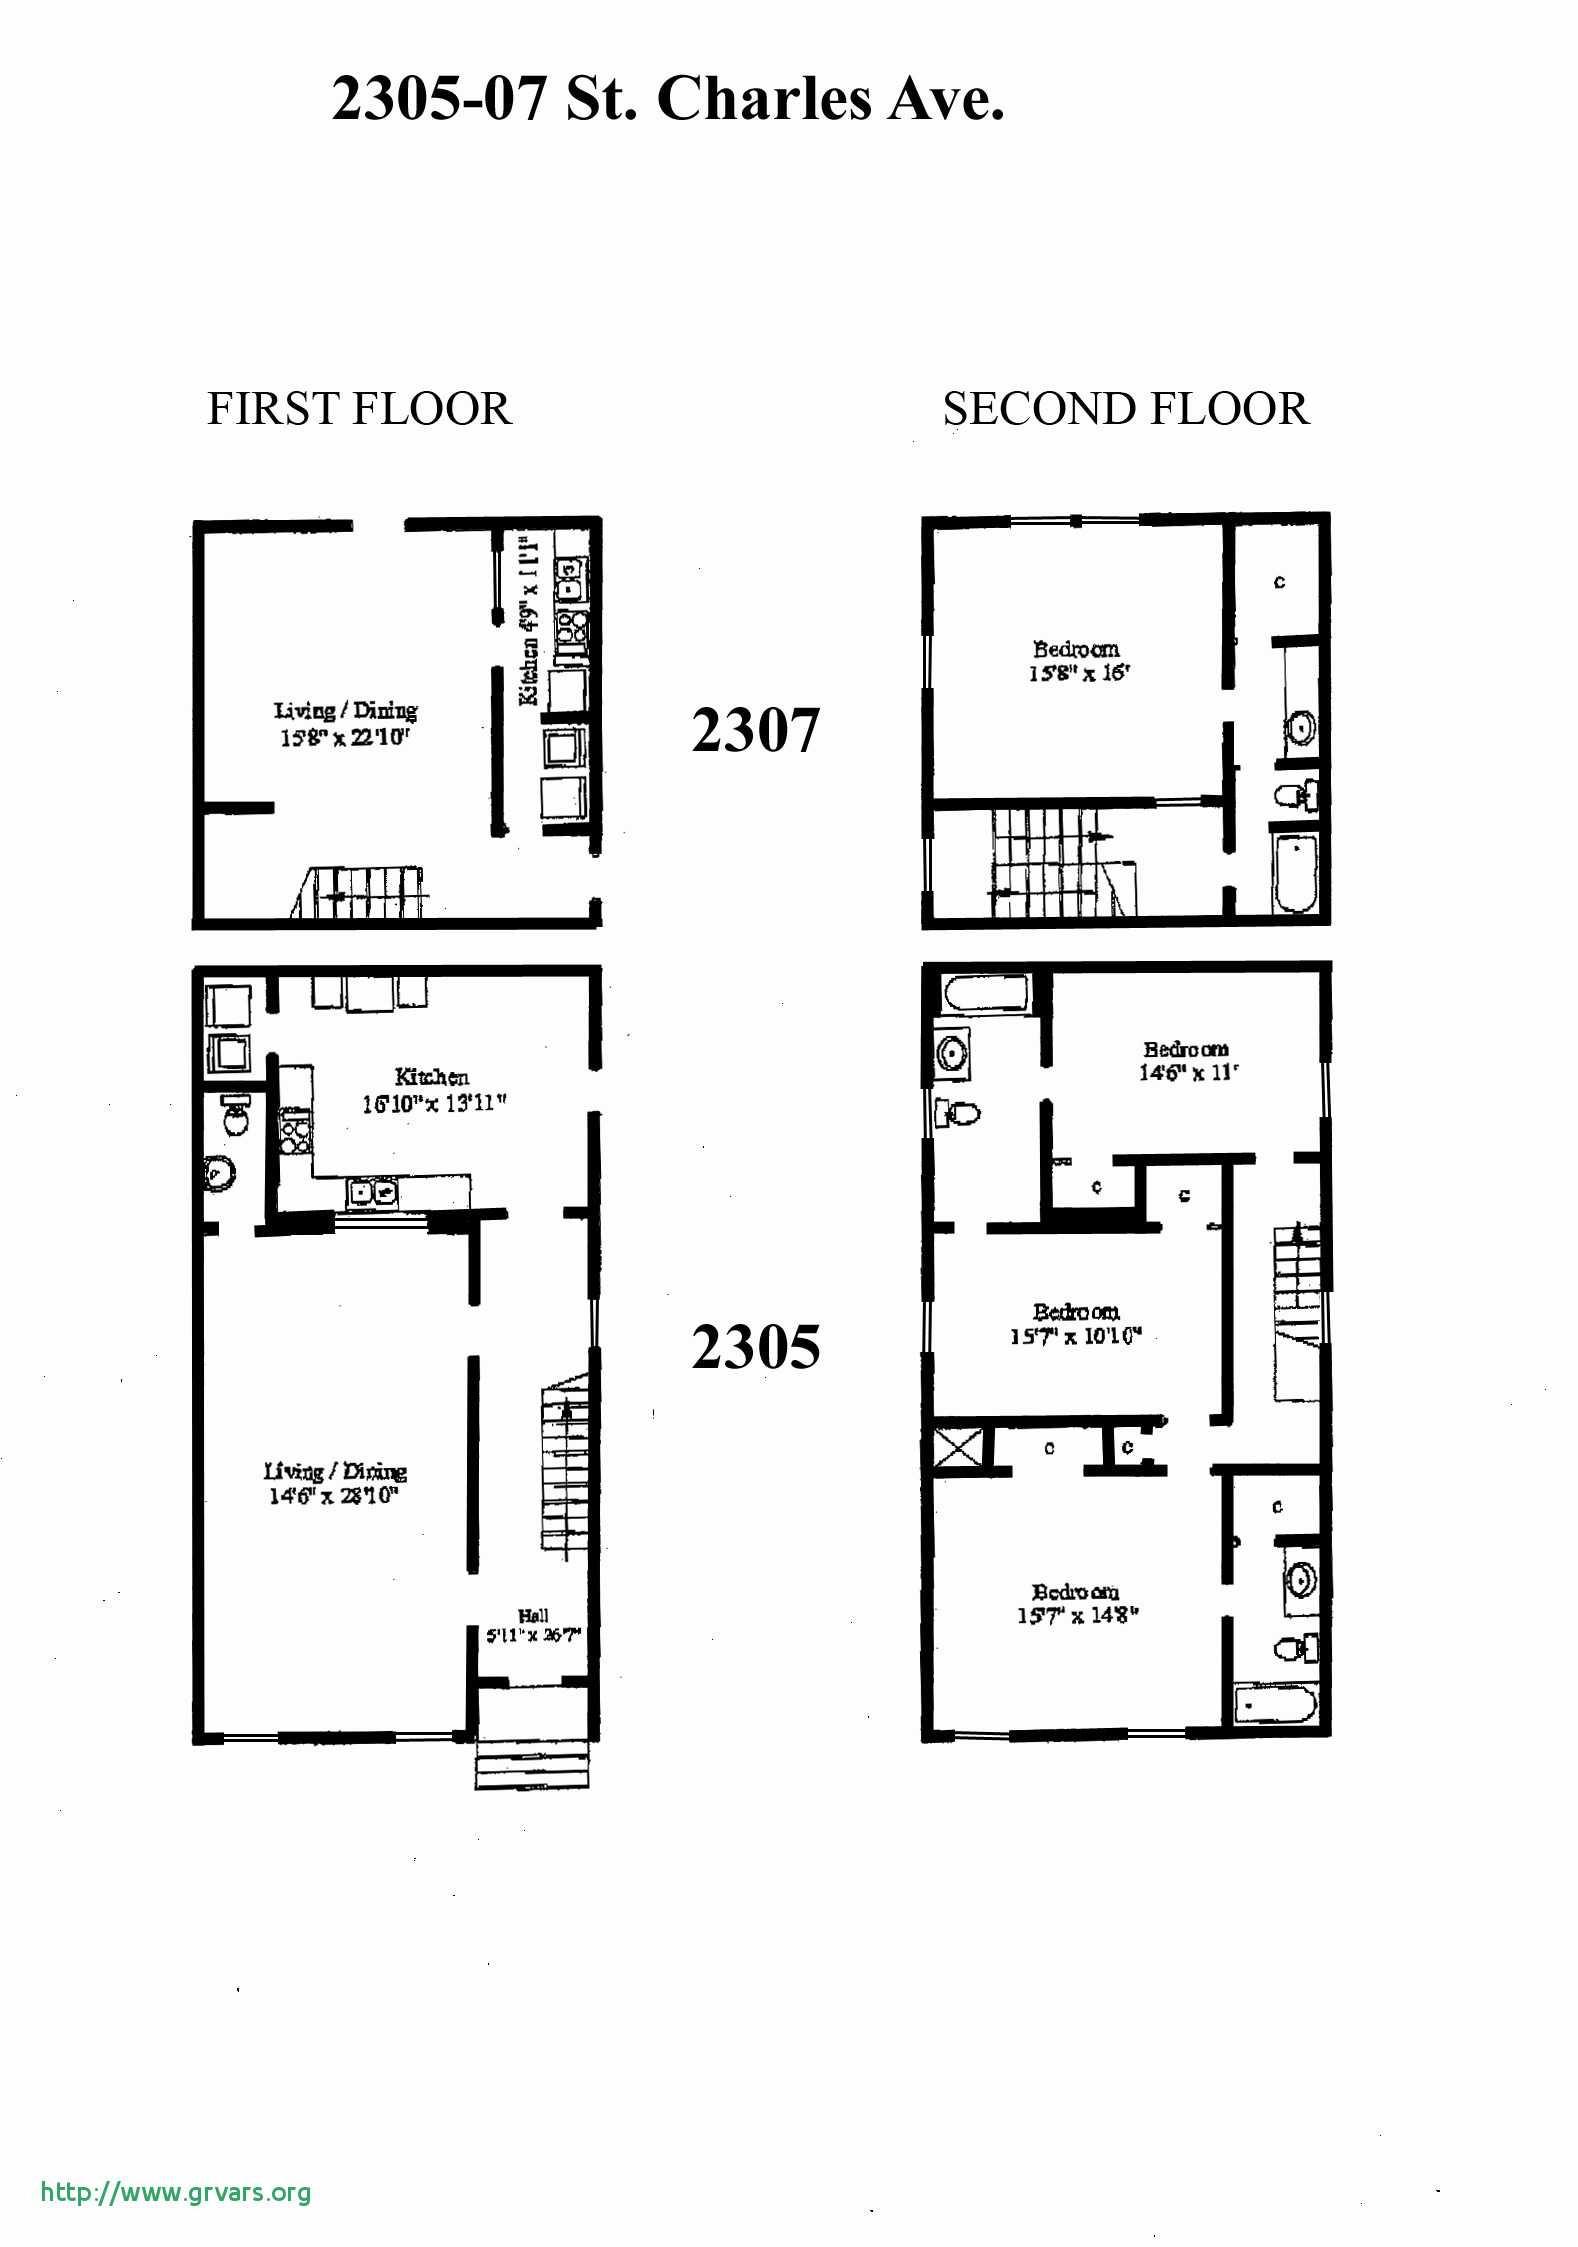 Gift Shop Floor Plan Meilleur De Floor Plan Ideas Best Gift Shop Floor Plan Luxury Purpose